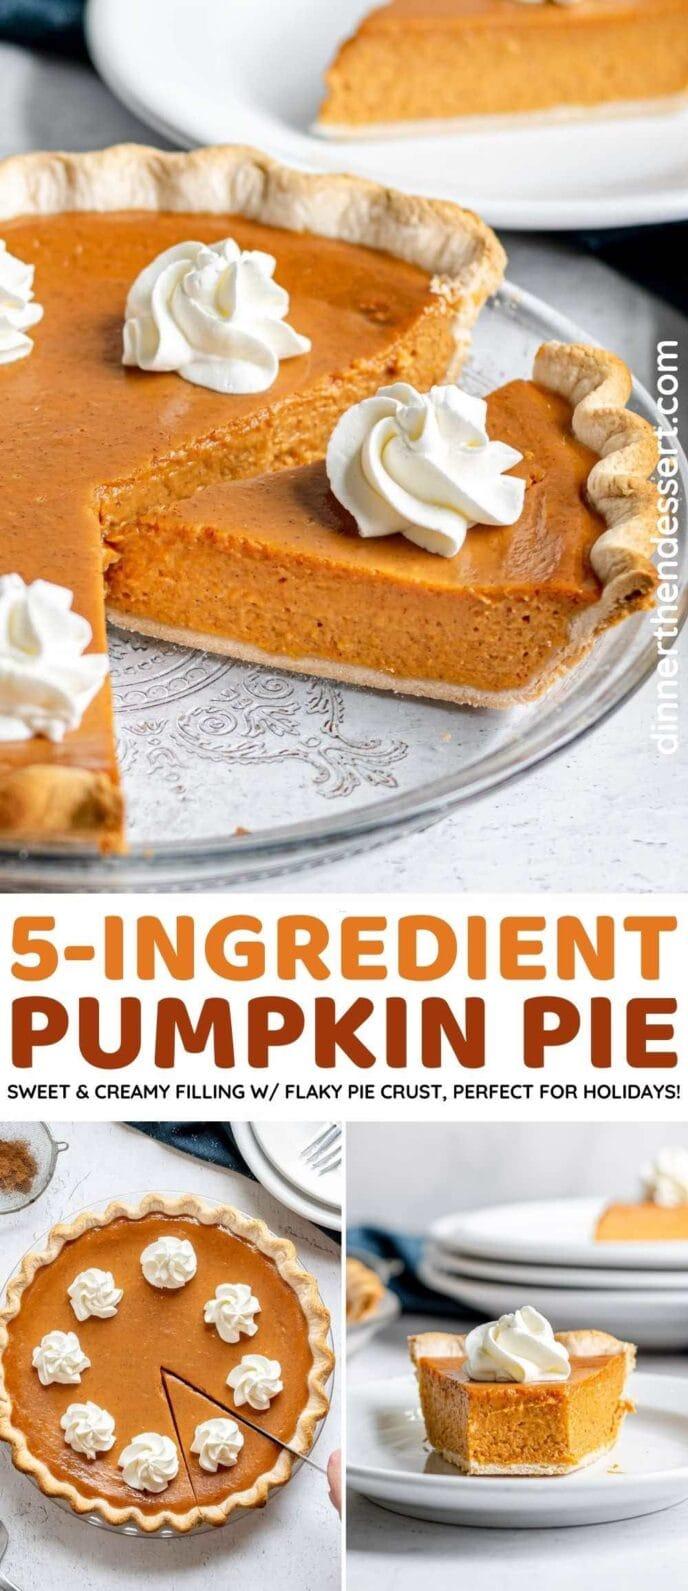 Creamy 5-ingredient pumpkin pie